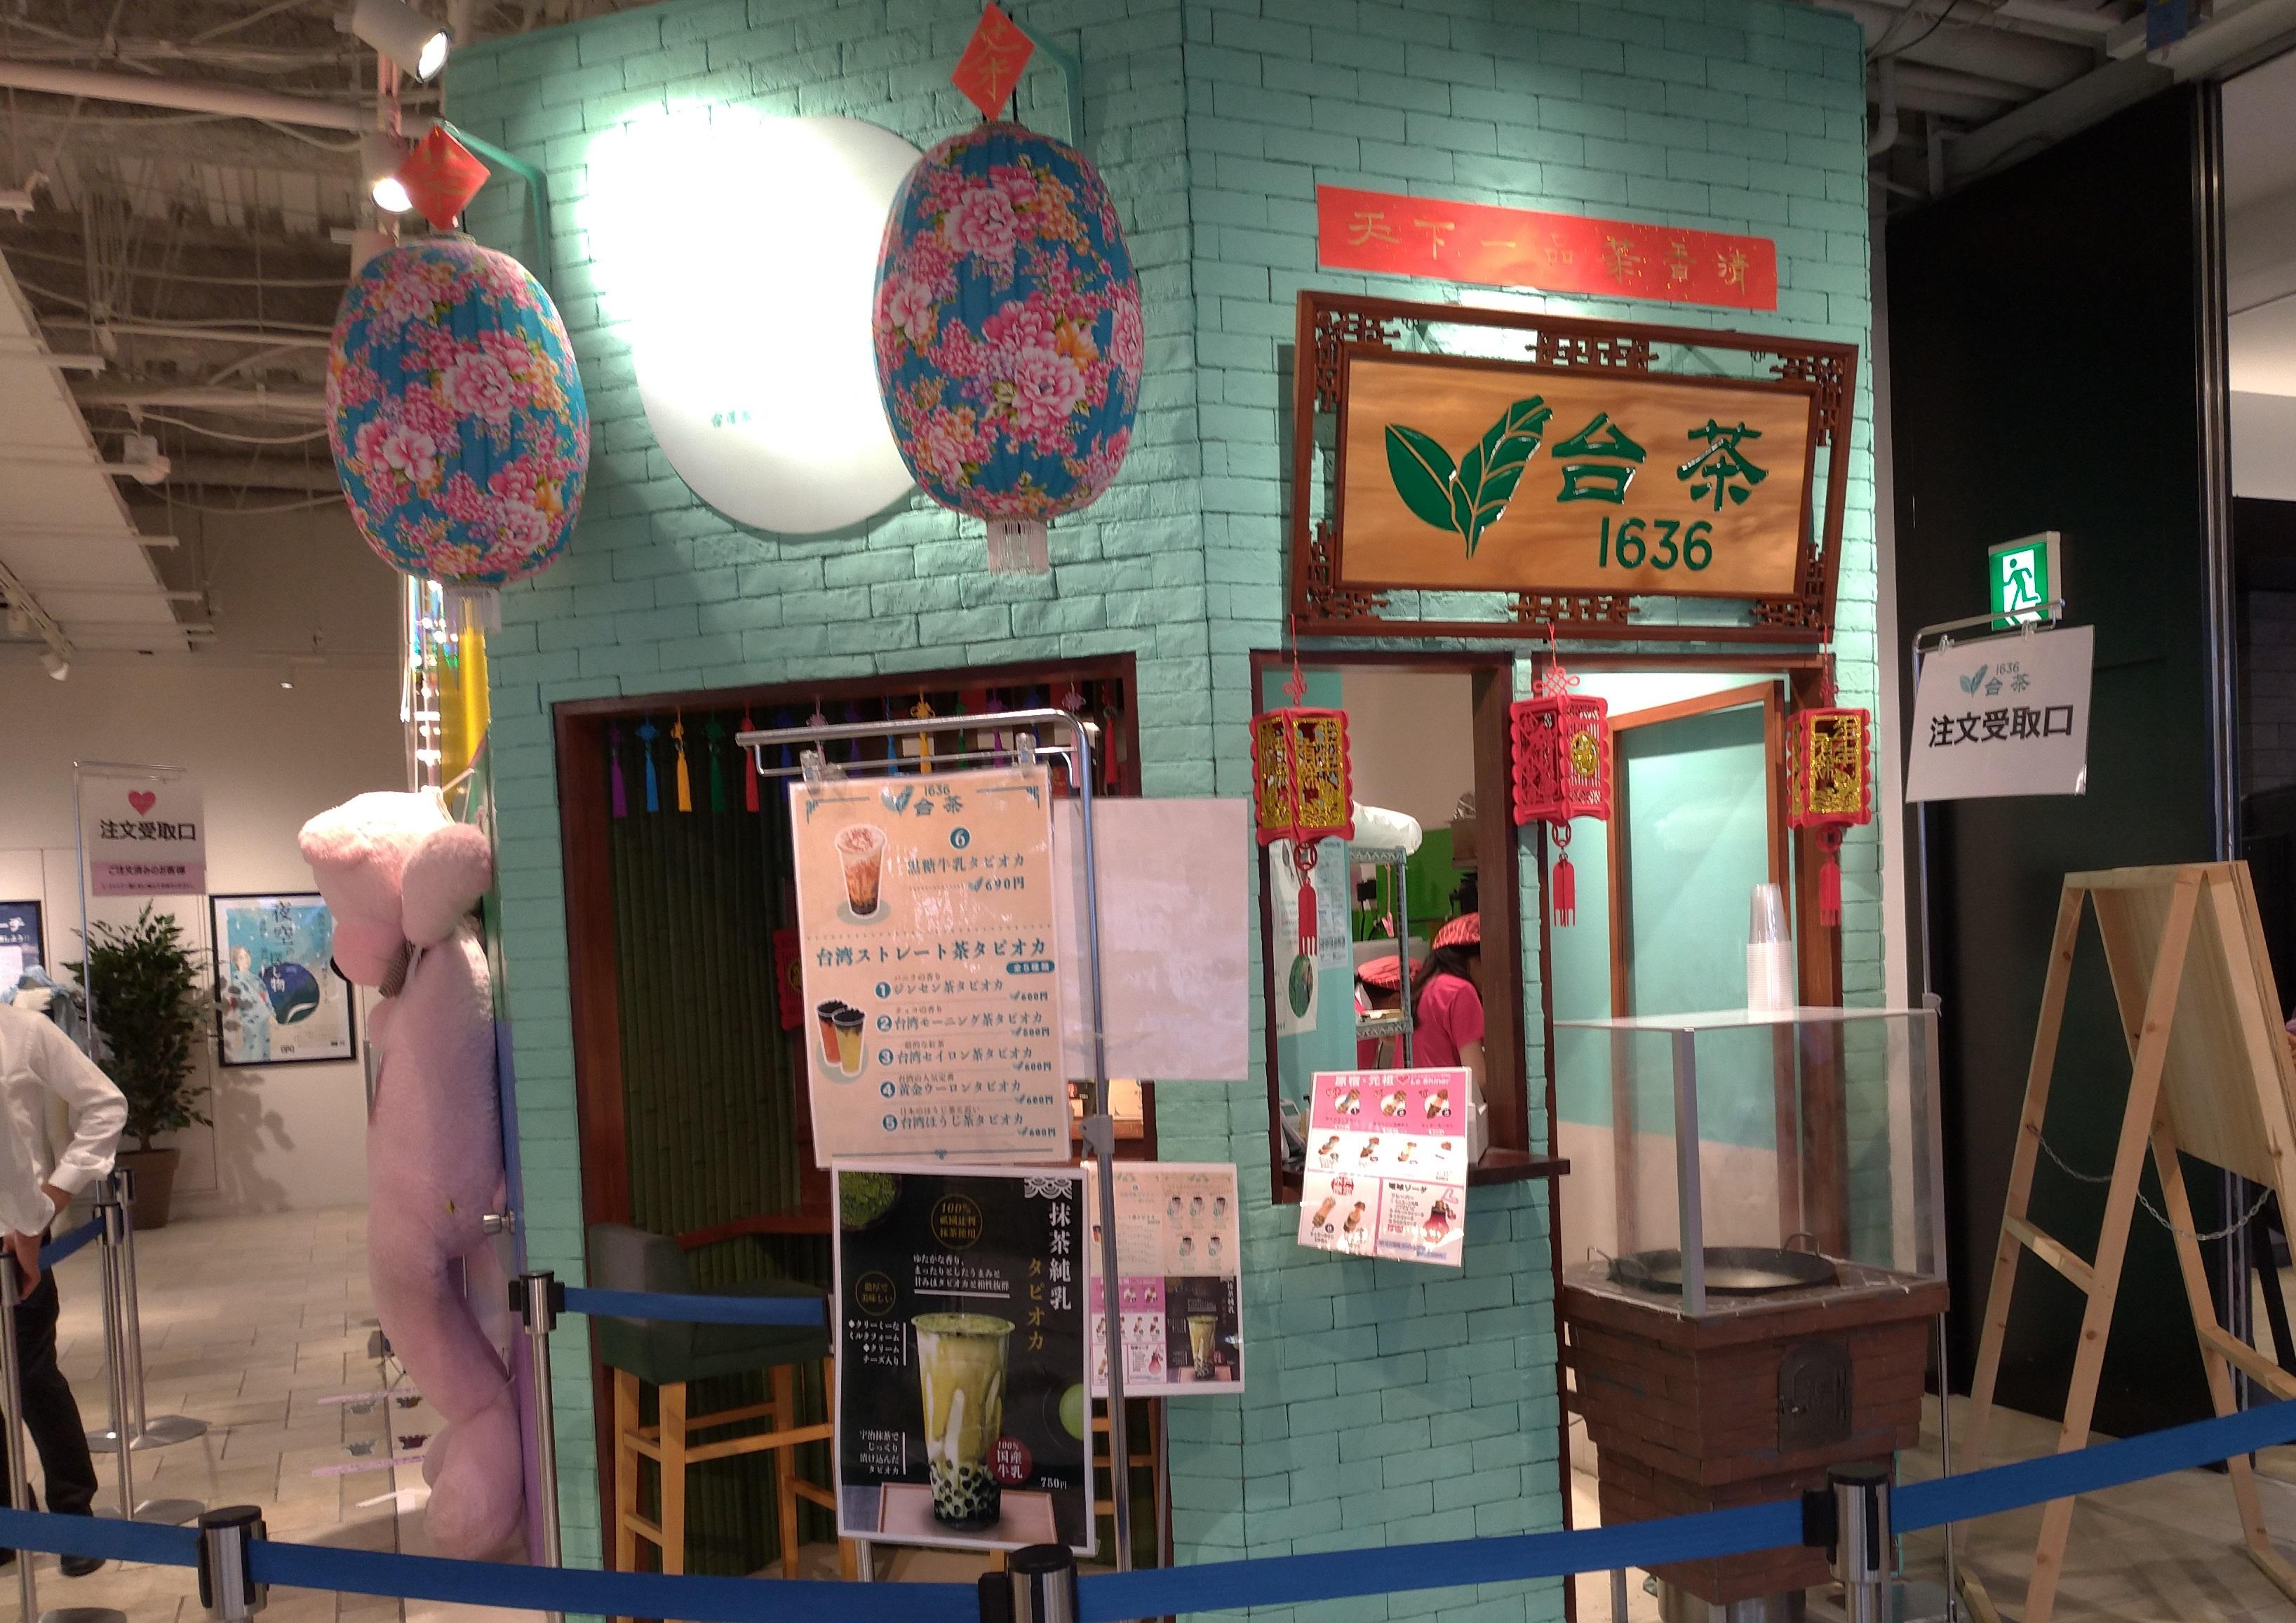 水戸駅 OPA(オ―パ) 台茶1636 外観